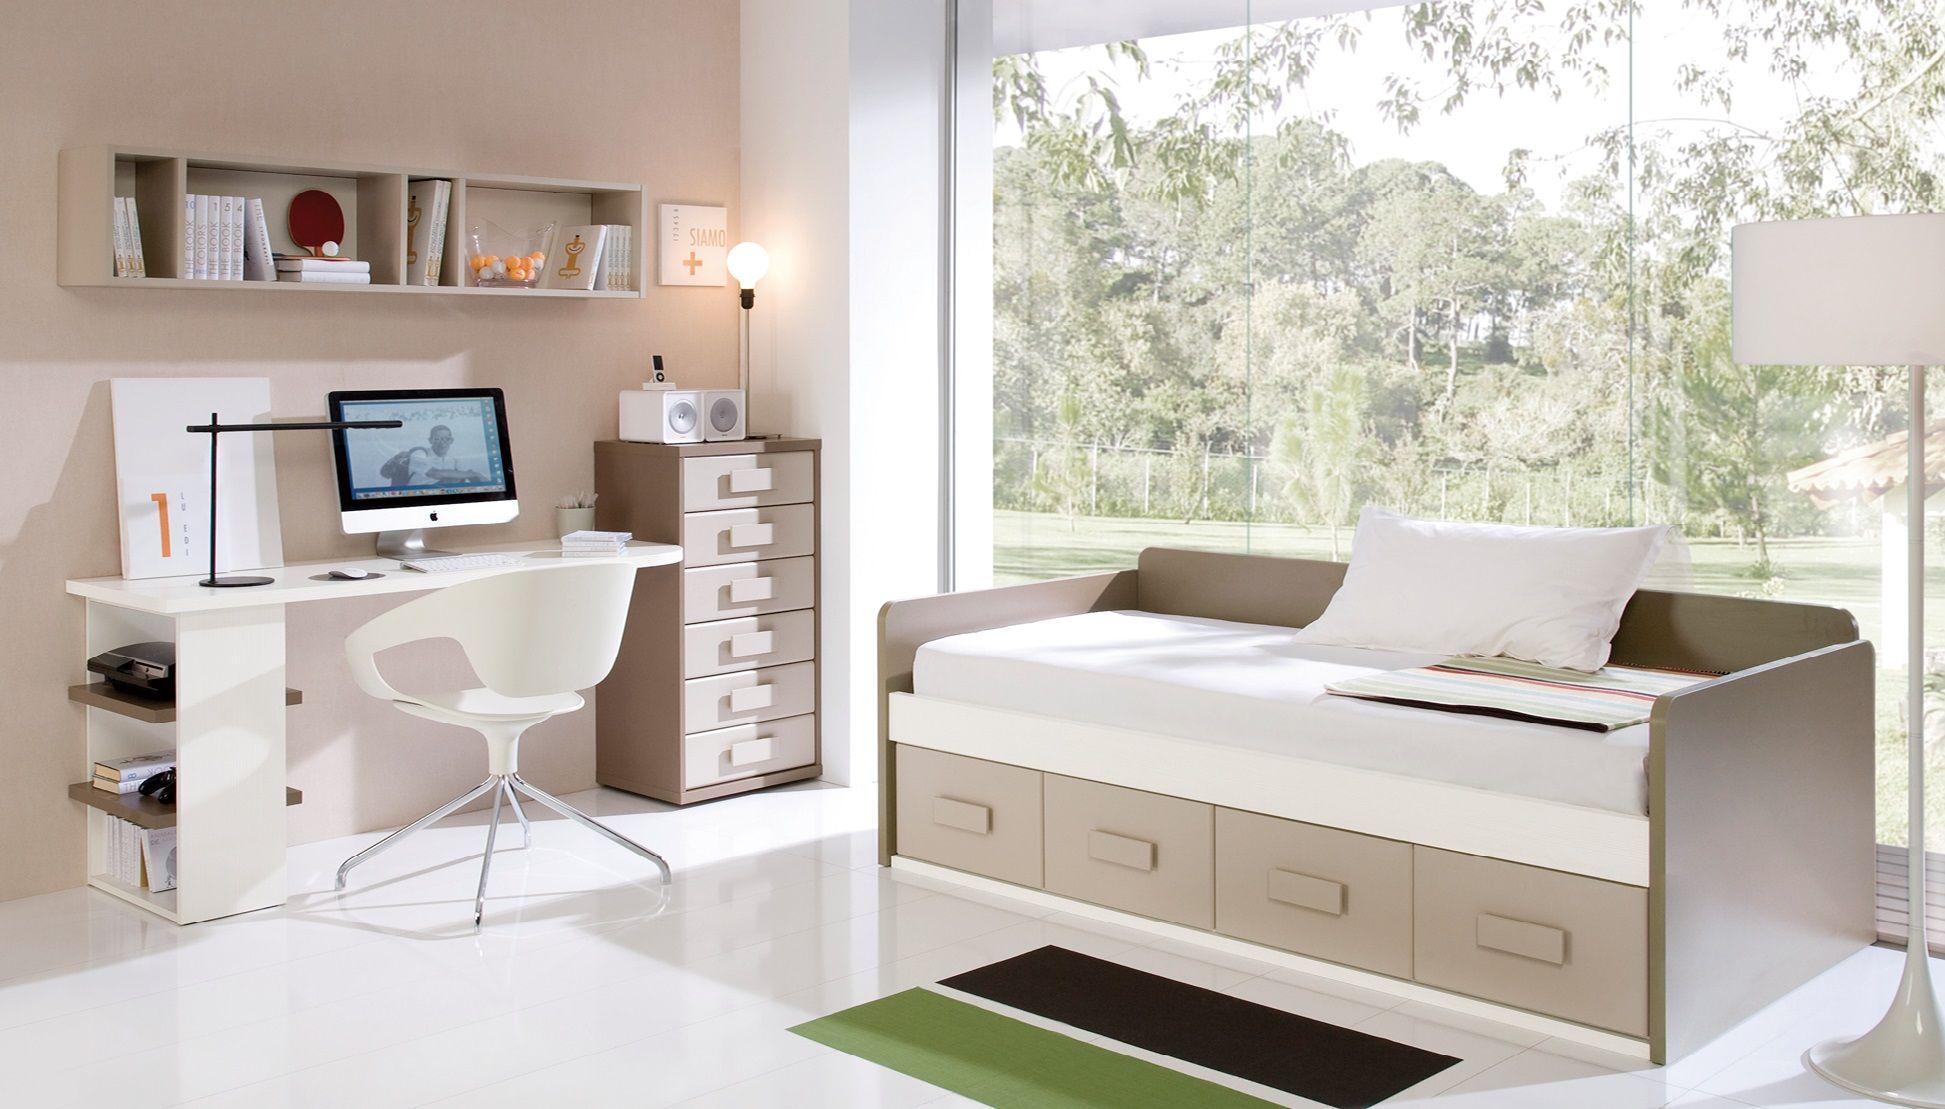 Bedroom Set Furniture Online Interior cr1219 kids bedroom set in two-tone finishrimobel furniture